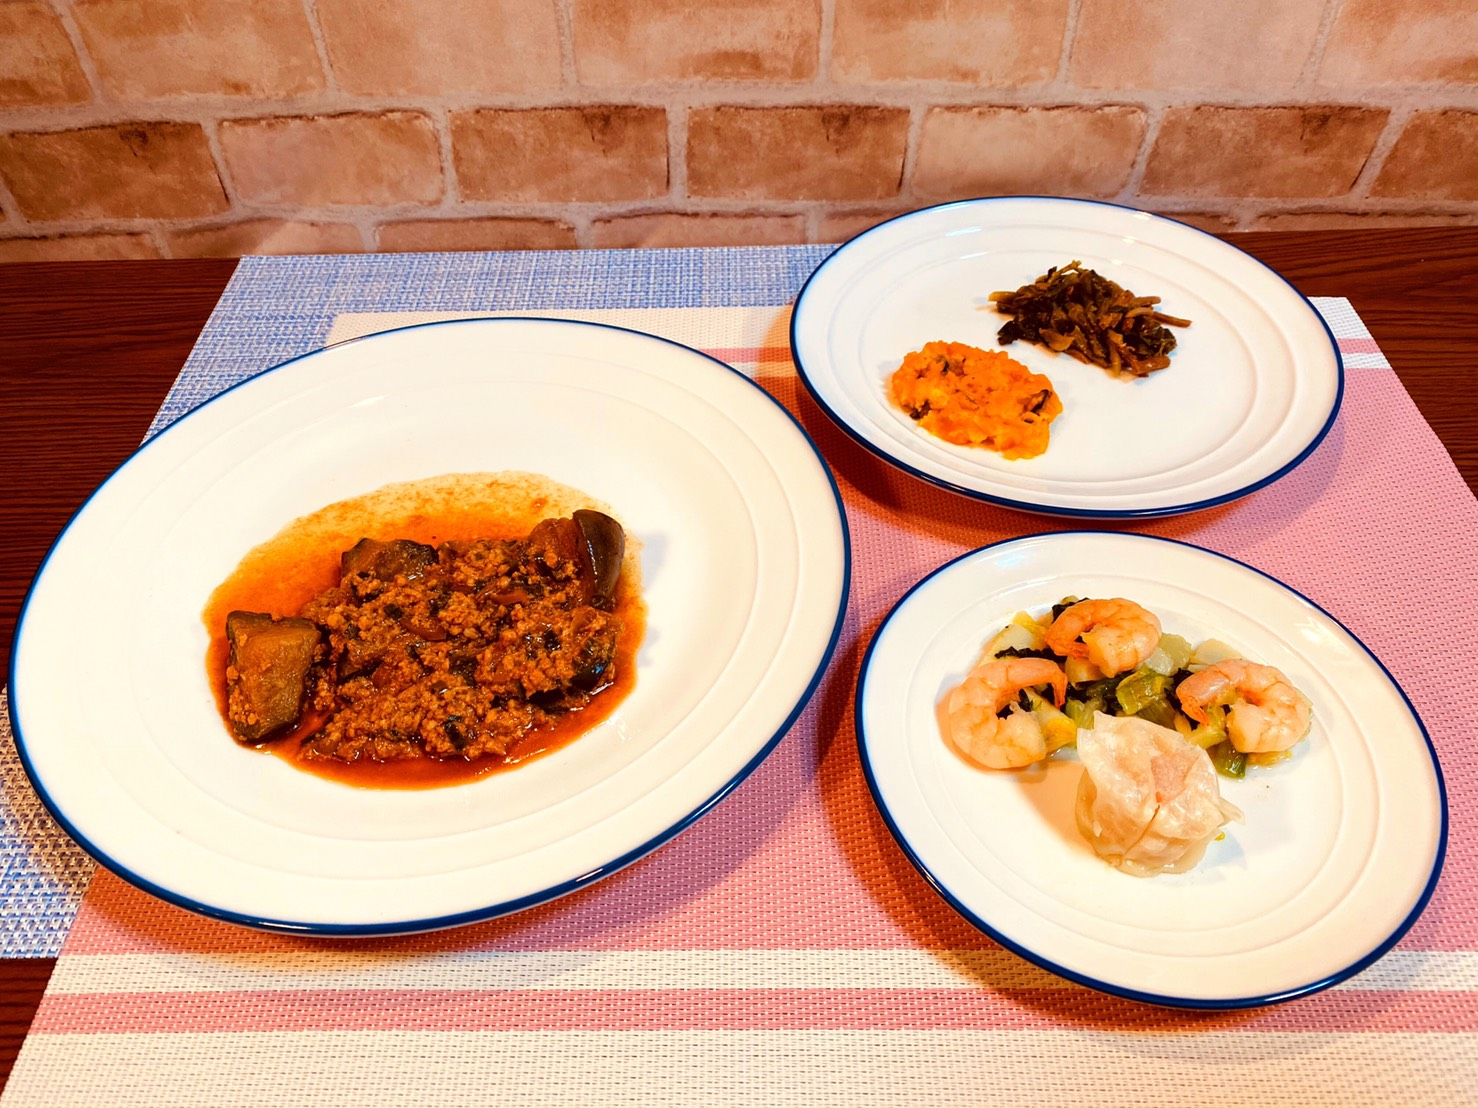 (メニューの一例)麻婆茄子、しゅうまいと海鮮炒め、カボチャの和え物、菜の花とぜんまいのナムル